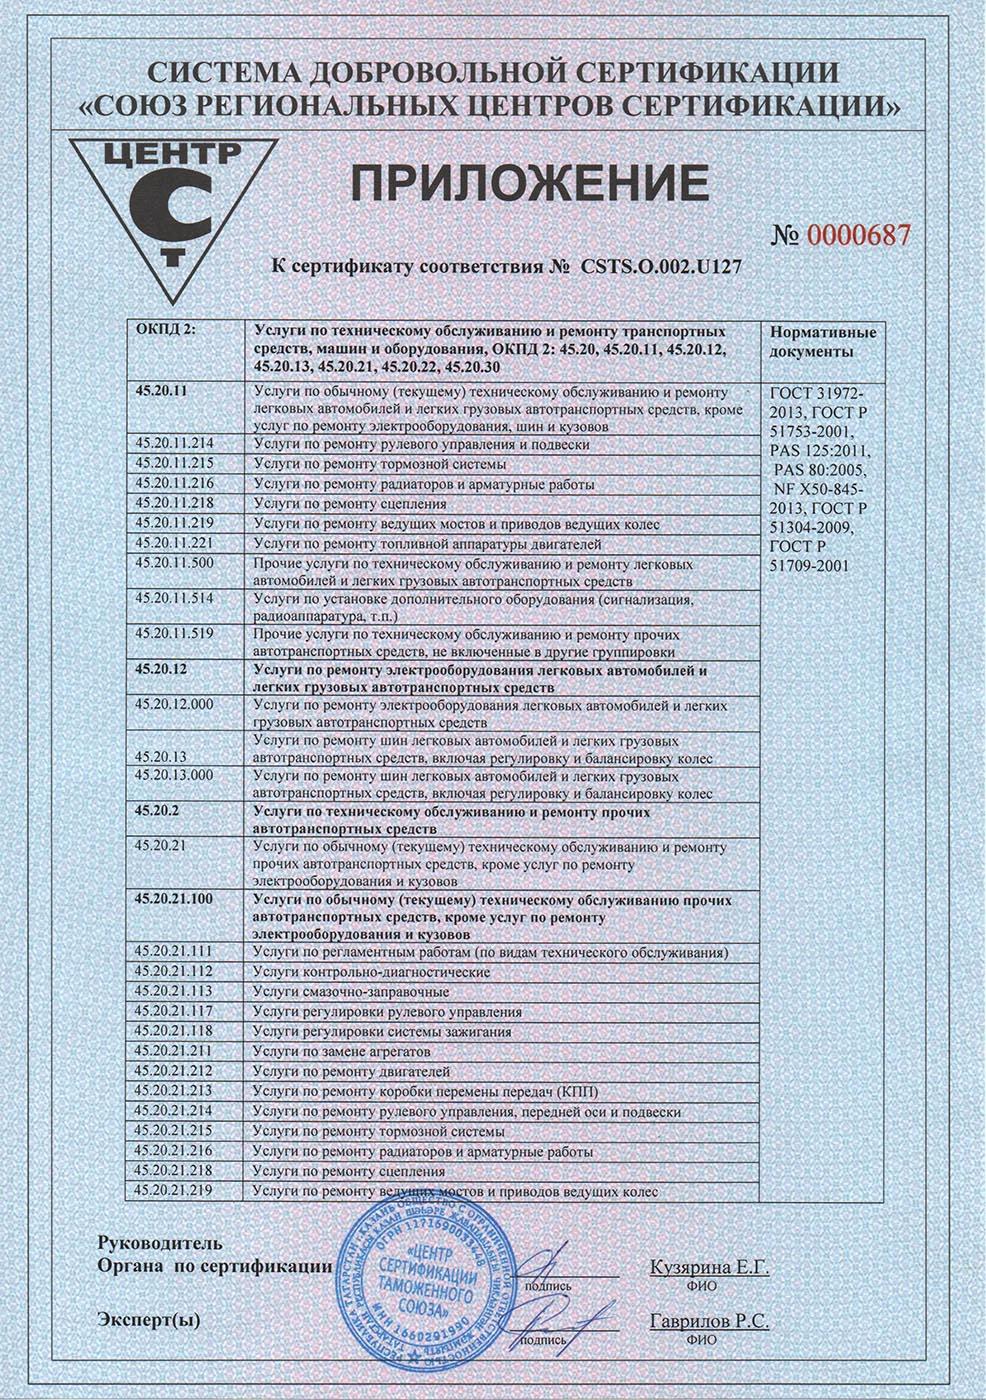 Сертификат Авторосс2